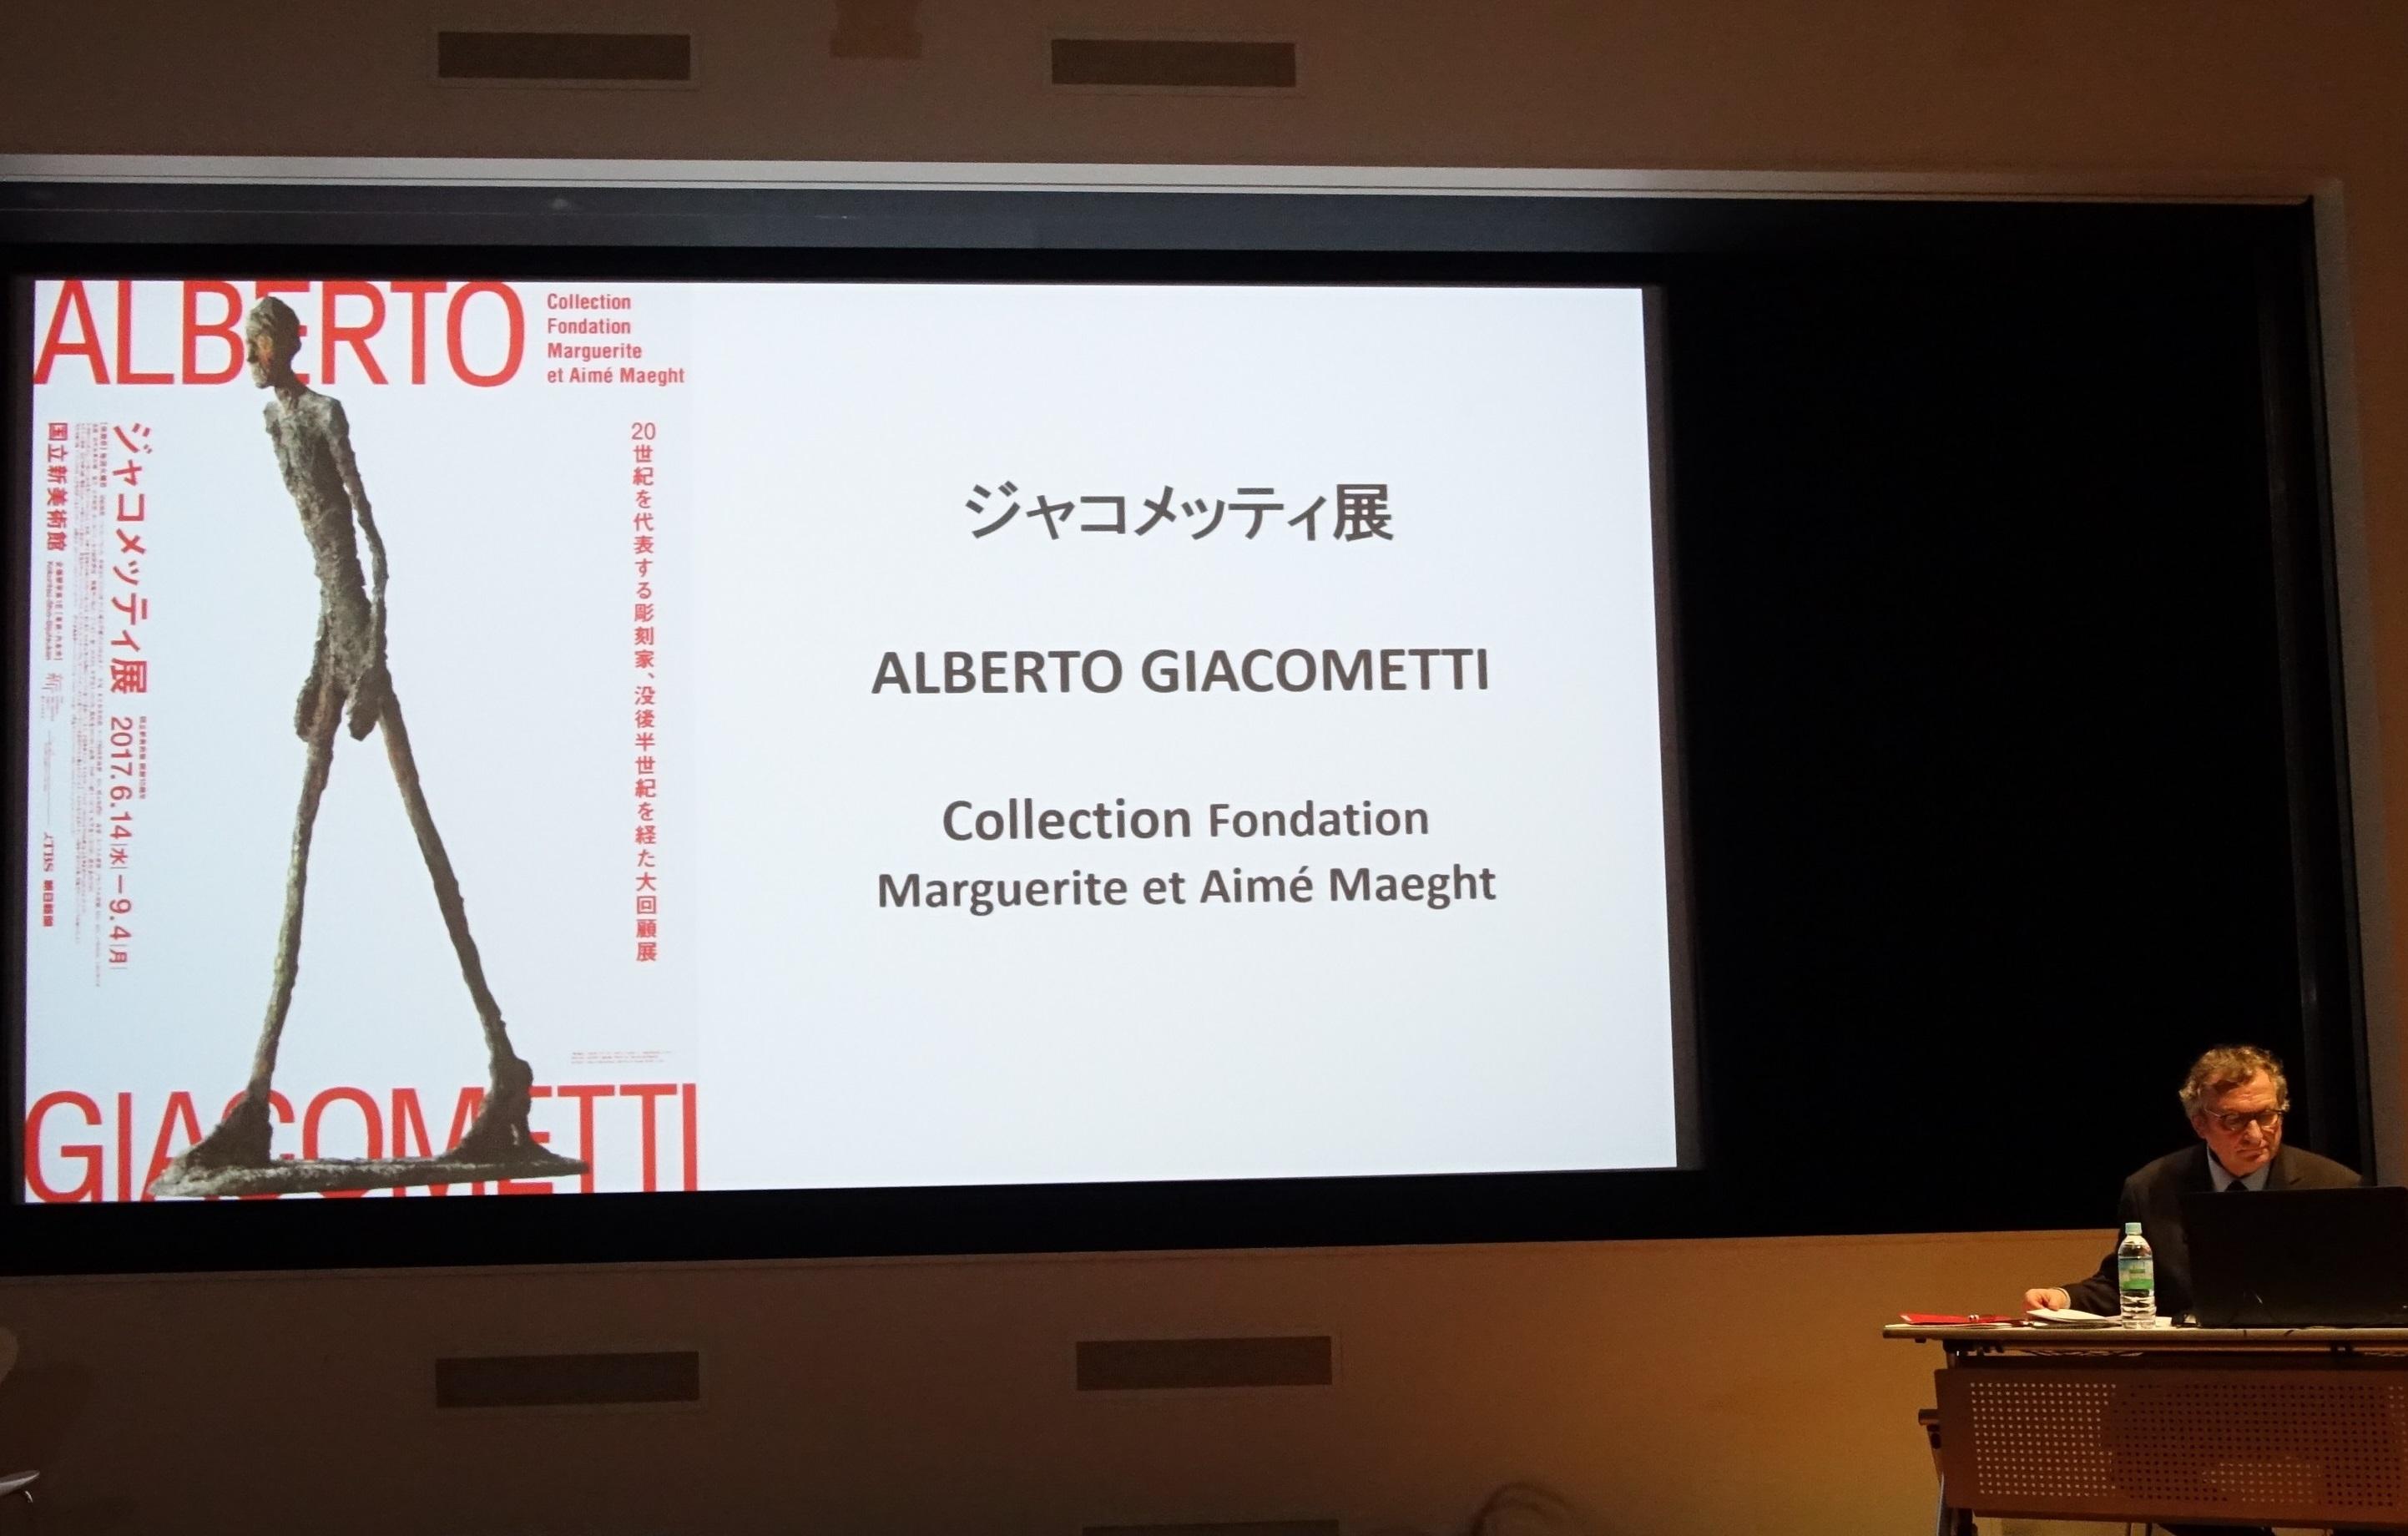 ジャコメッティについて語るマーグ財団美術館館長・オリビエ・キャプラン氏